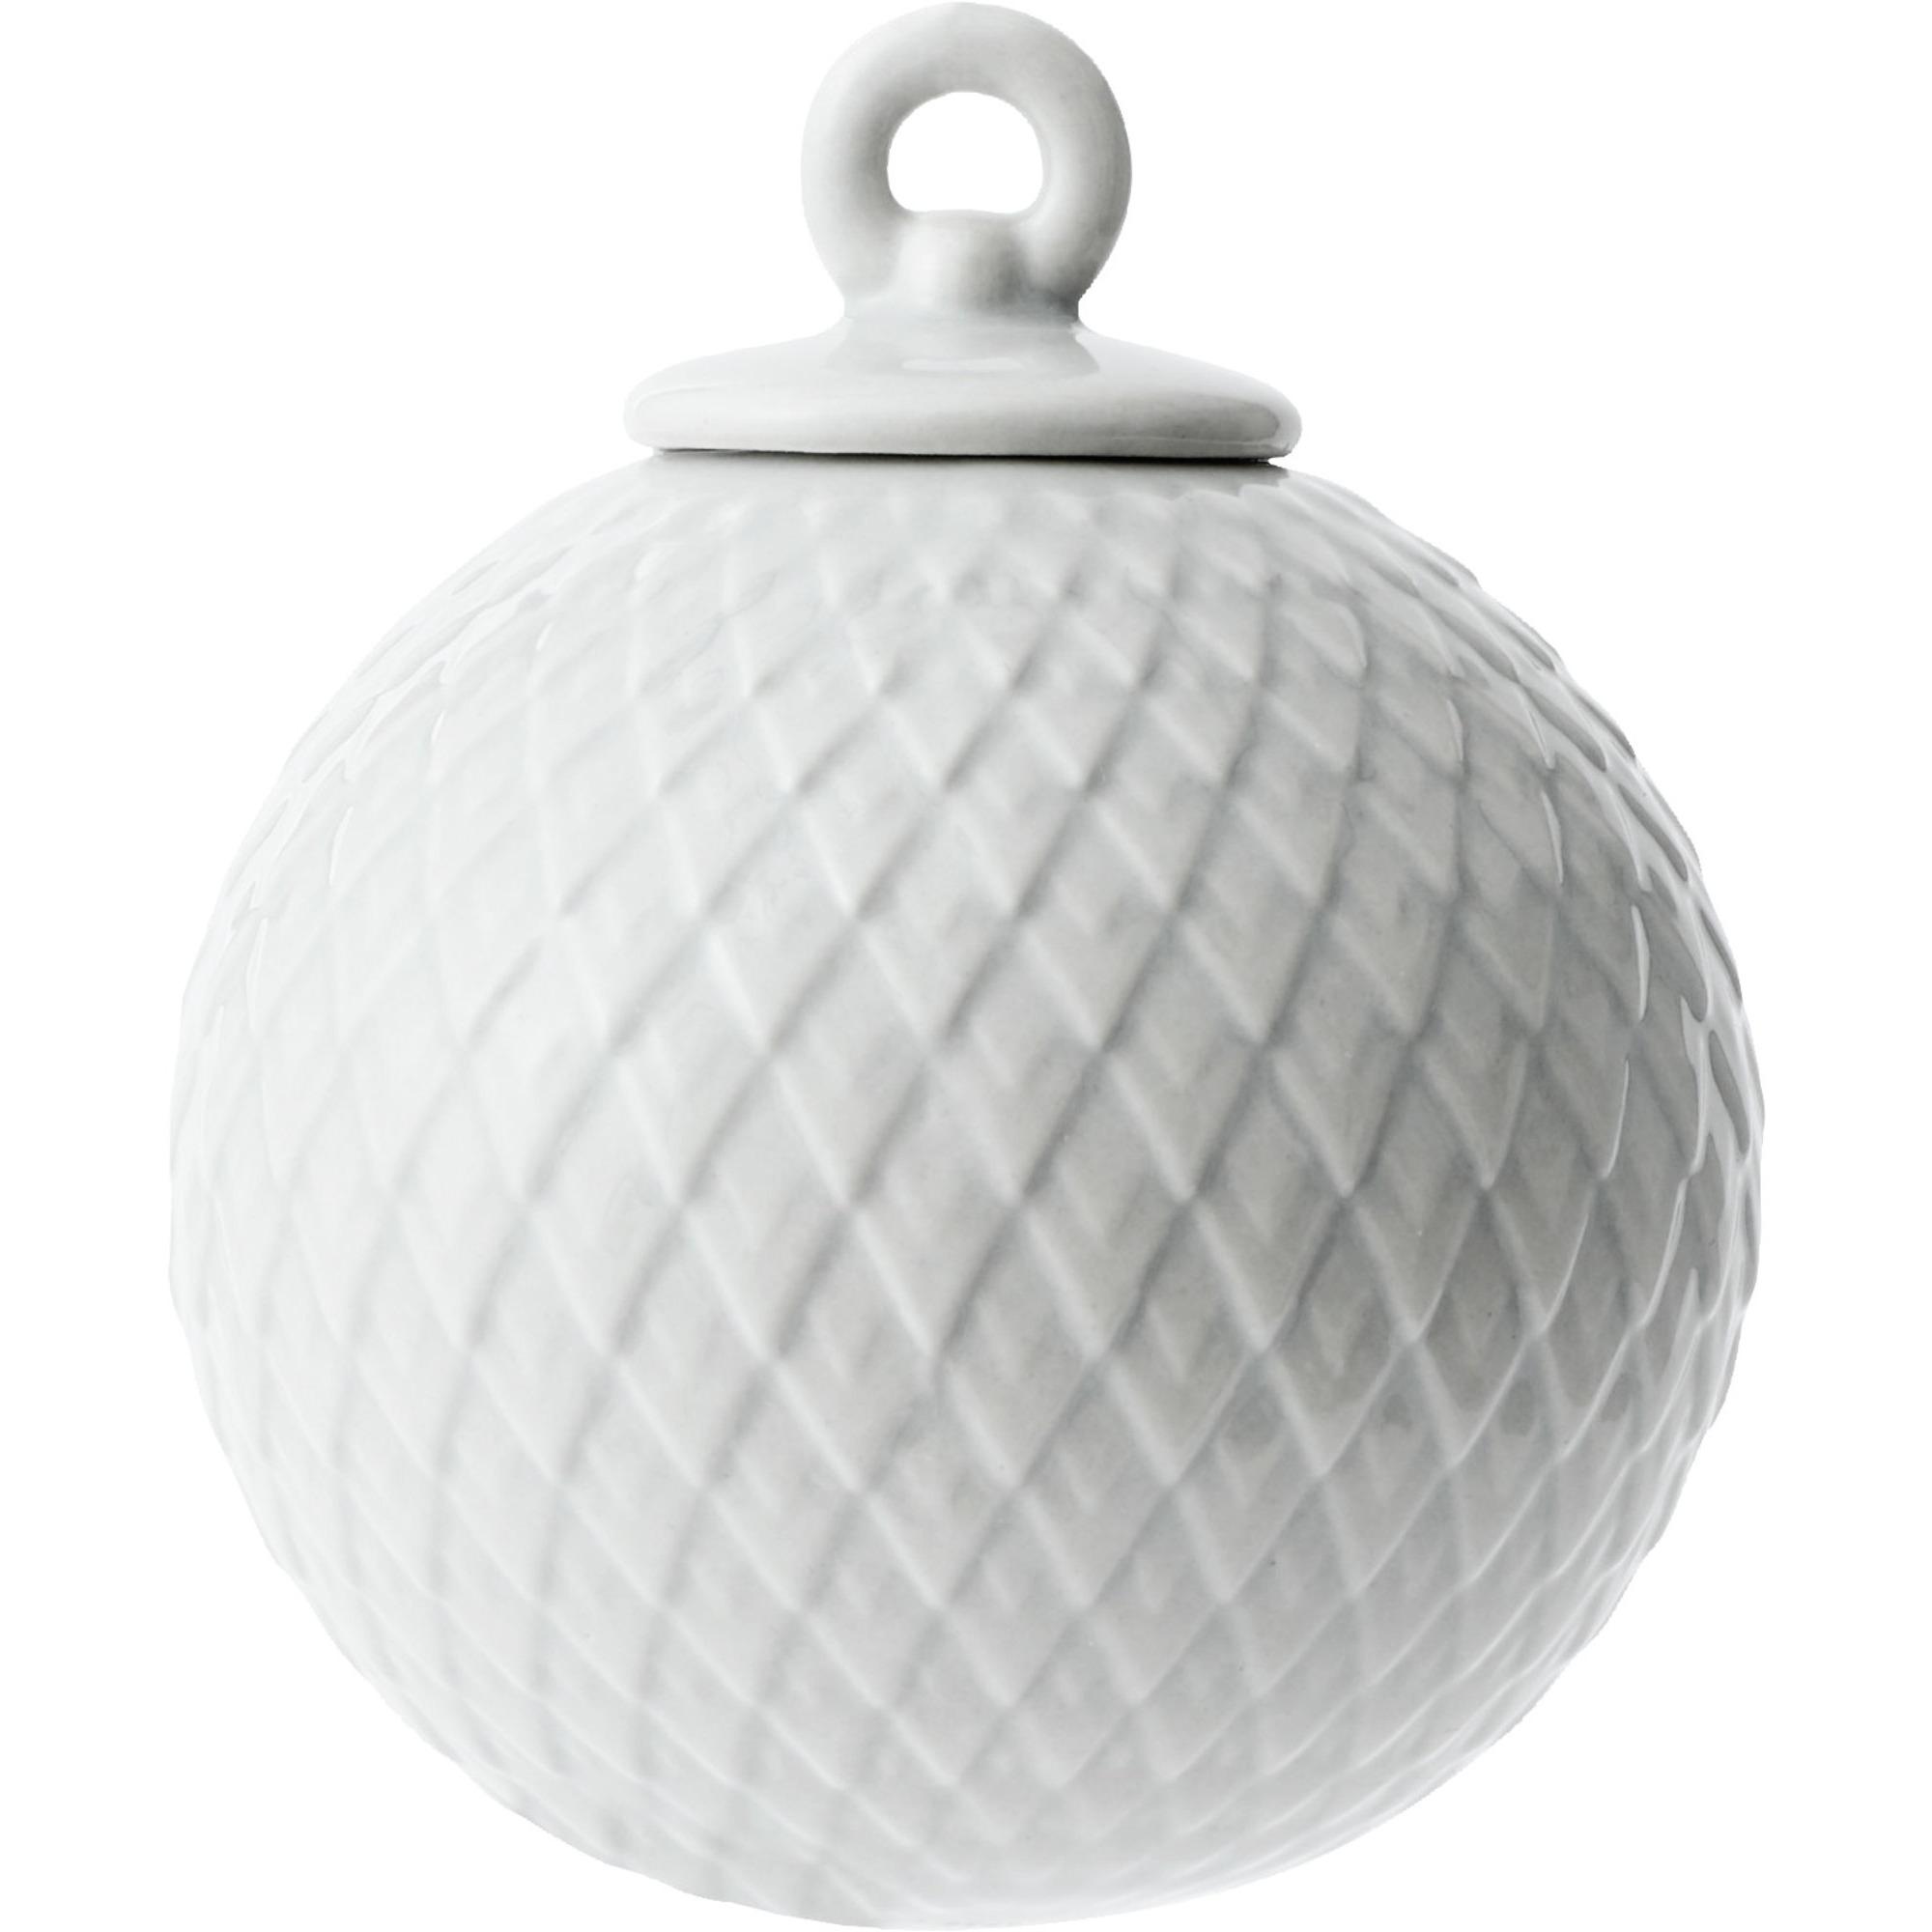 Lyngby Porcelæn Rhombe kula grå